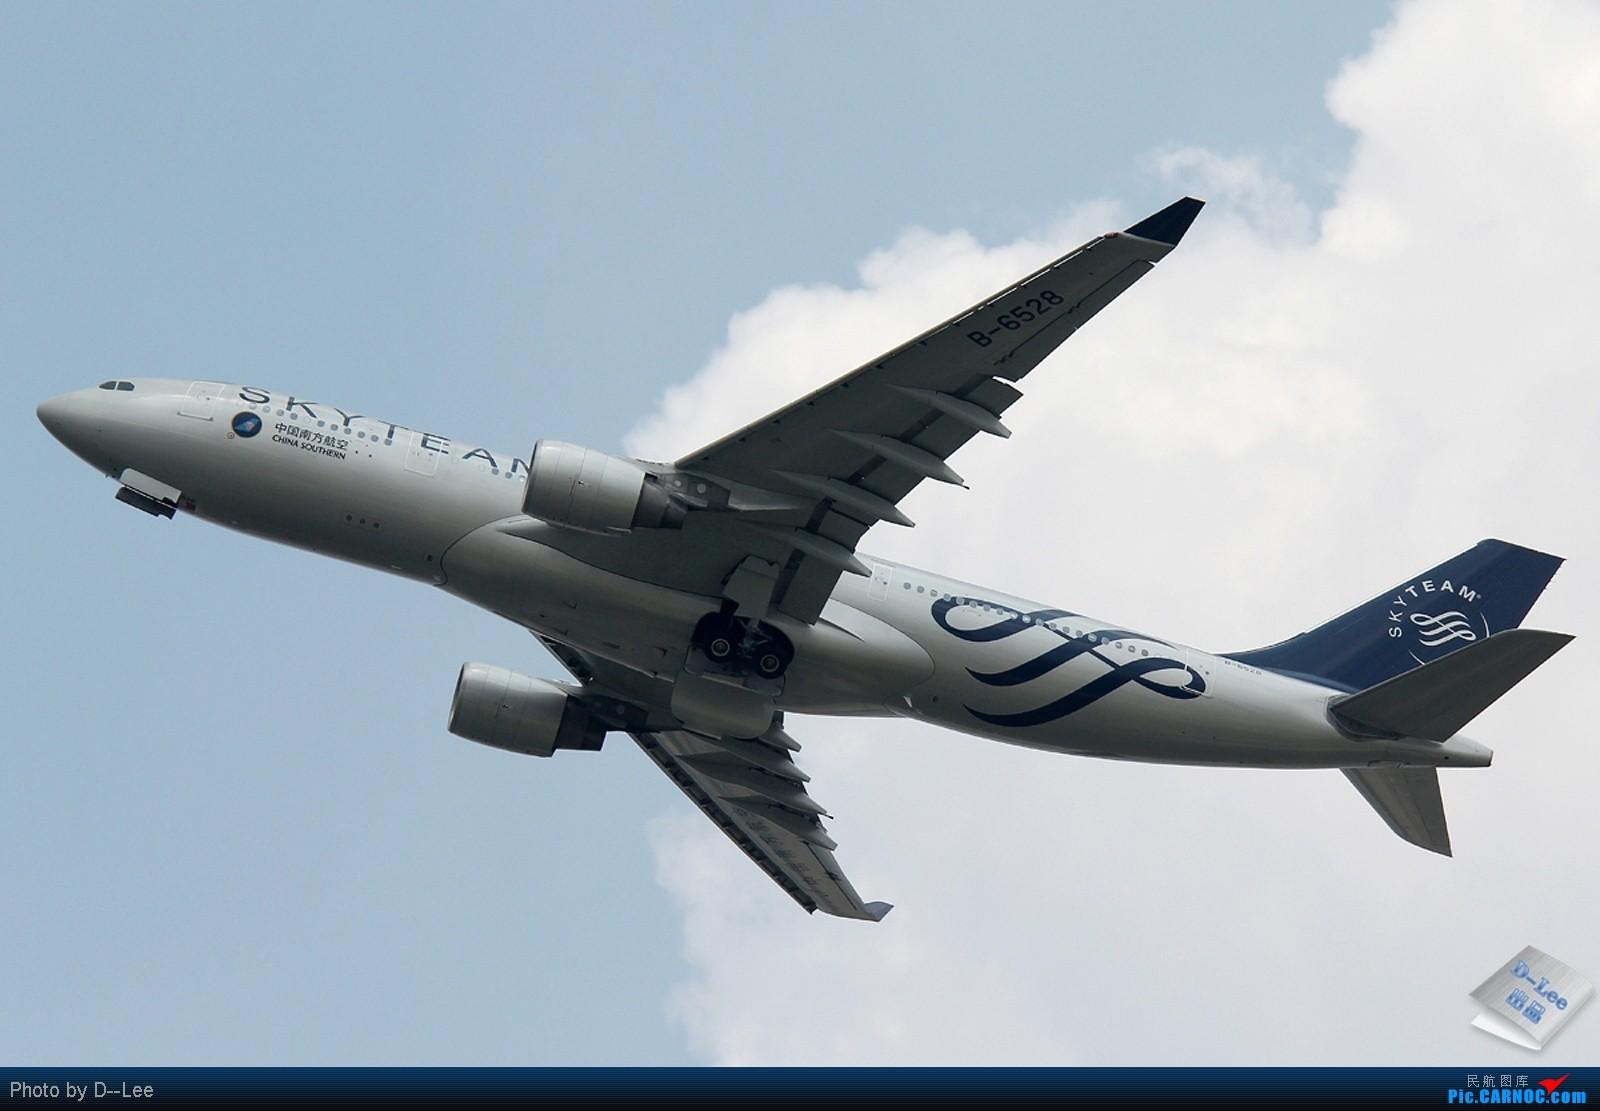 [原创]【广州,你好】-南航SKY TEAM332,港龙333,泰航大星星333外加拍少见少东航AB6全程1600大图放送 AIRBUS A330-200 B-6528 中国广州白云机场